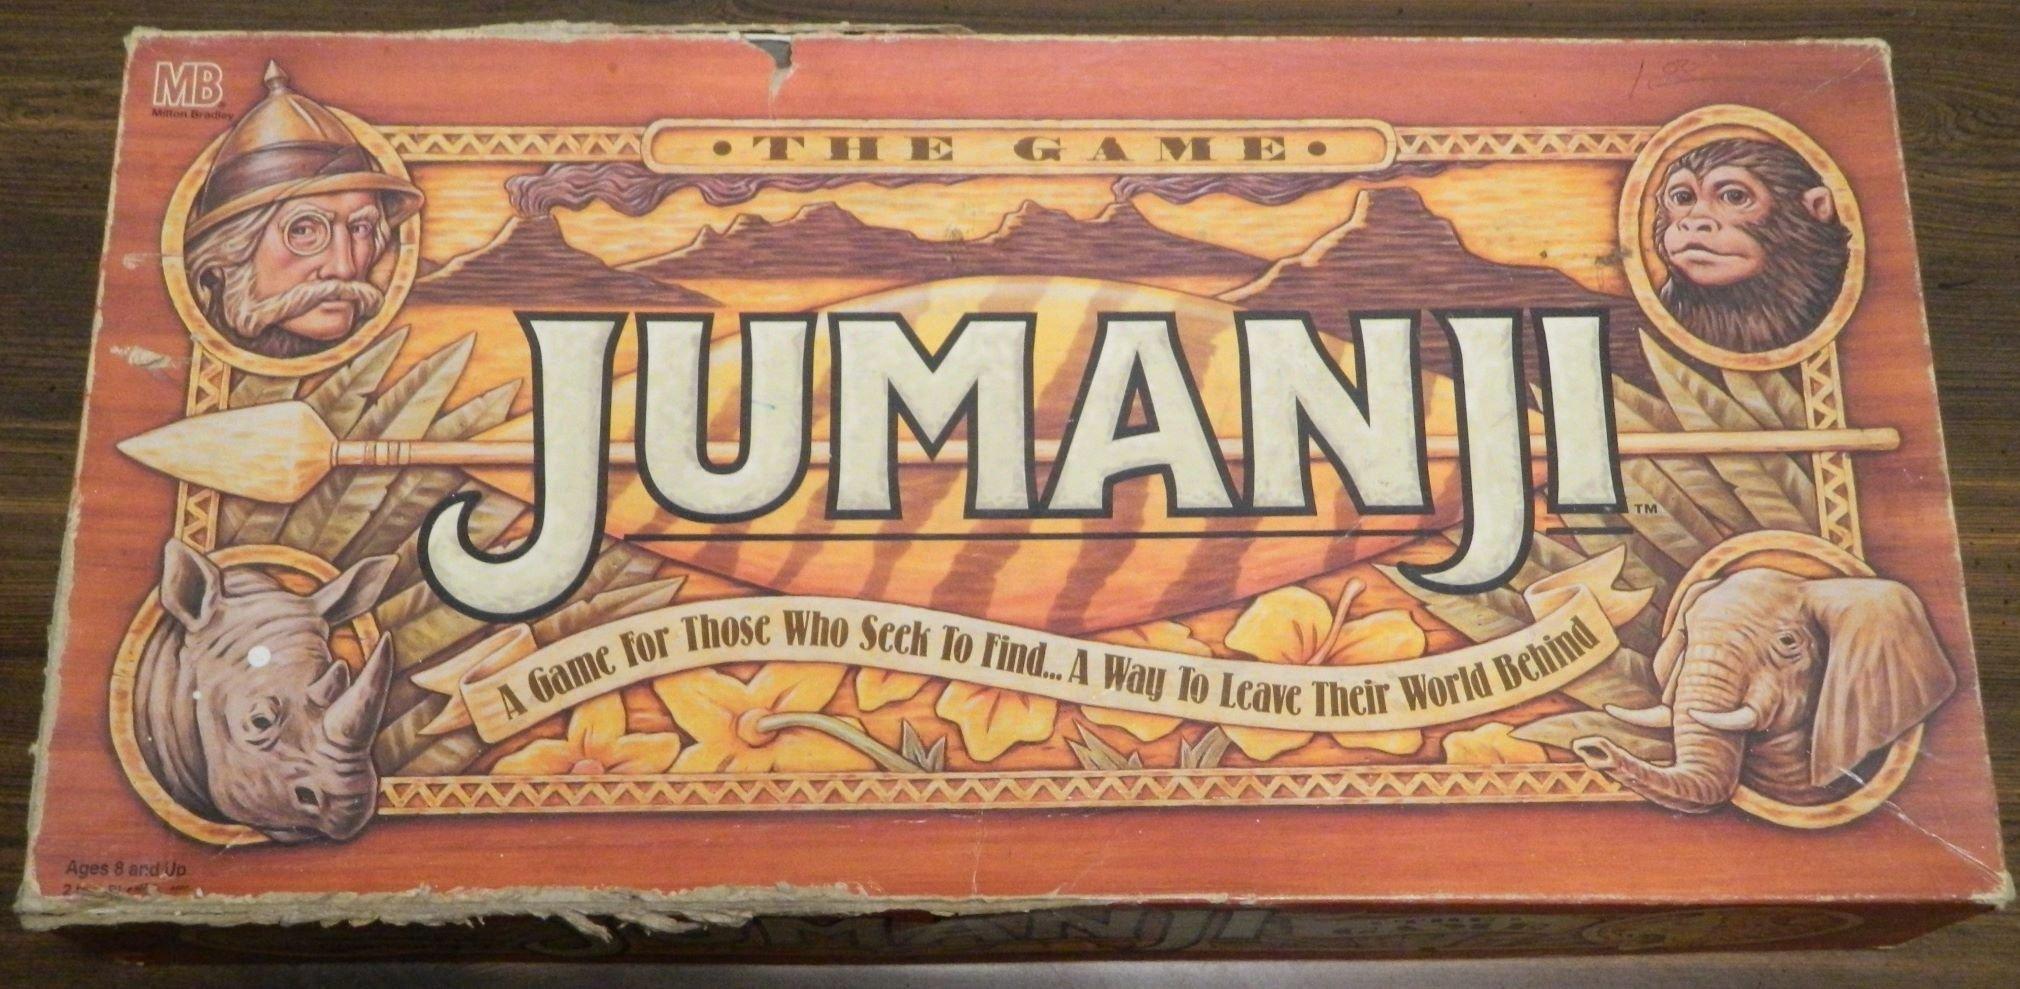 Box for Jumanji